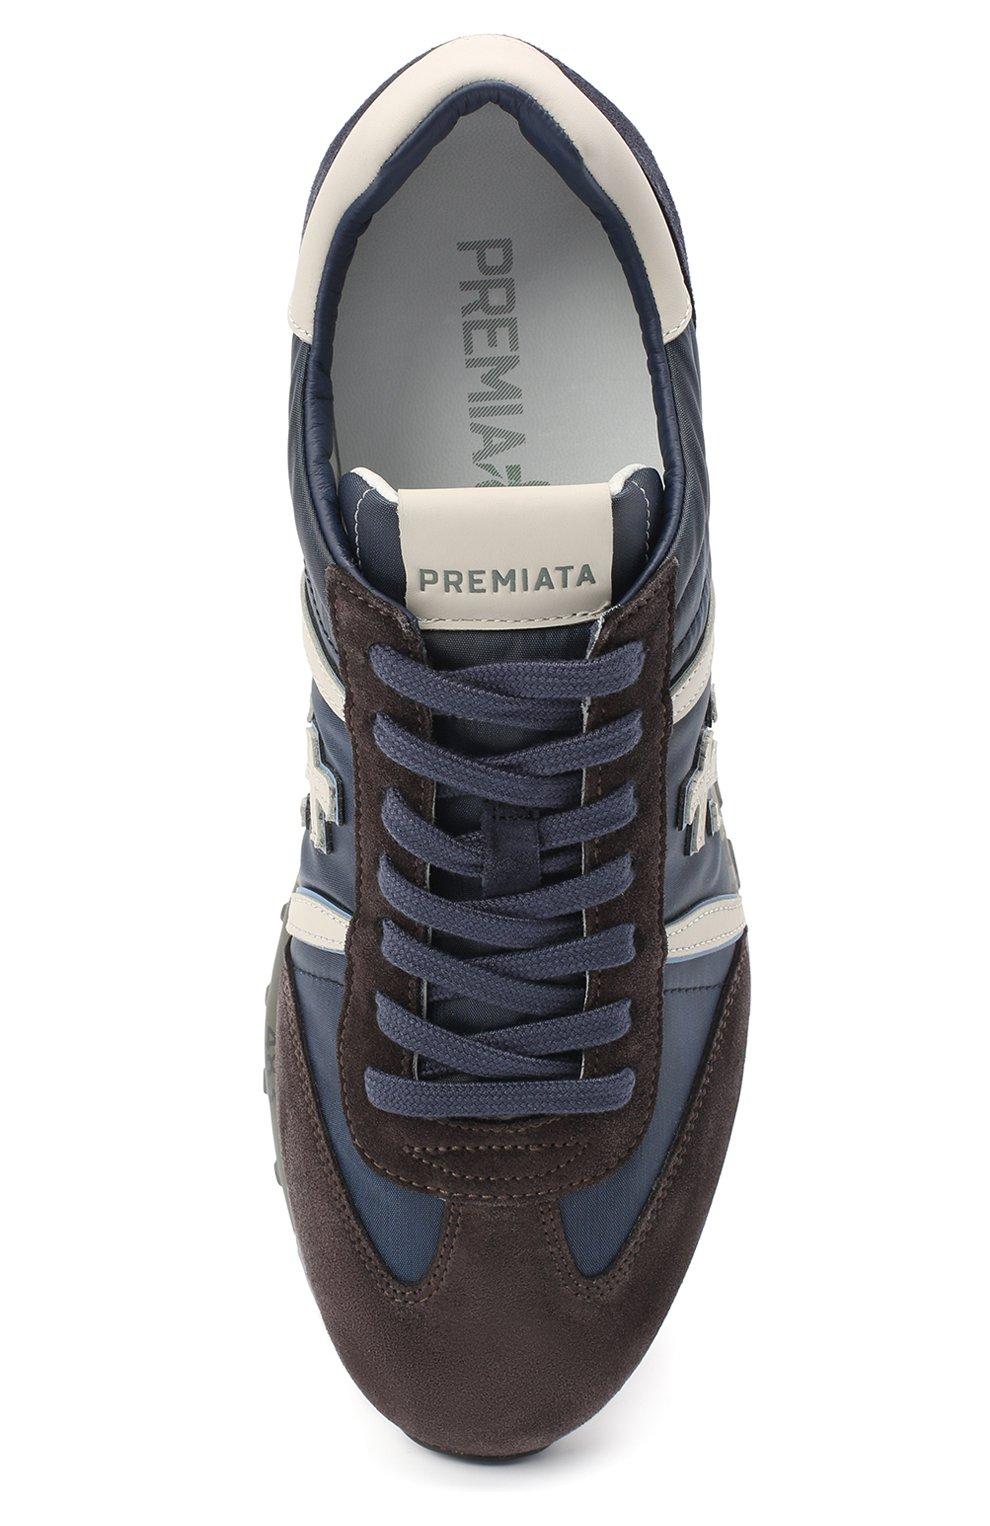 Мужские комбинированные кроссовки lucy PREMIATA синего цвета, арт. LUCY/VAR4931 | Фото 5